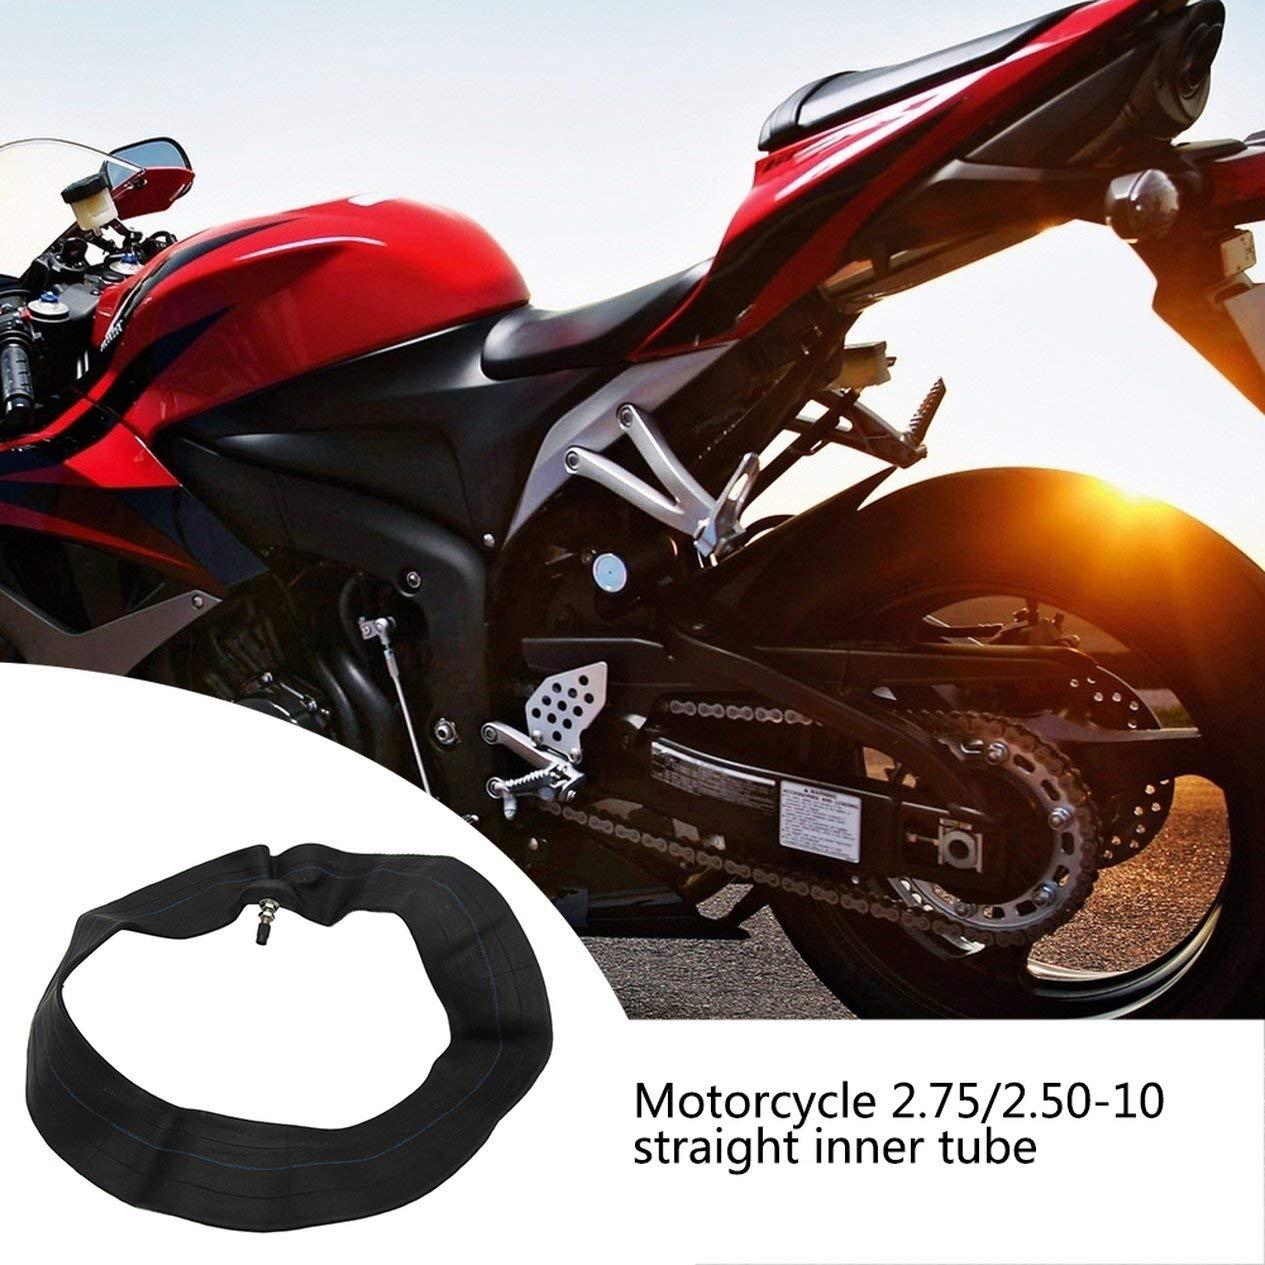 EdBerk74 Pneu Avant Arri/ère 2.50 X 10 2.5-10 avec Chambre /à Air pour KTM 50 Sx Pro Jr SR LC Mini Dirt Pit Bike Outils Automobile